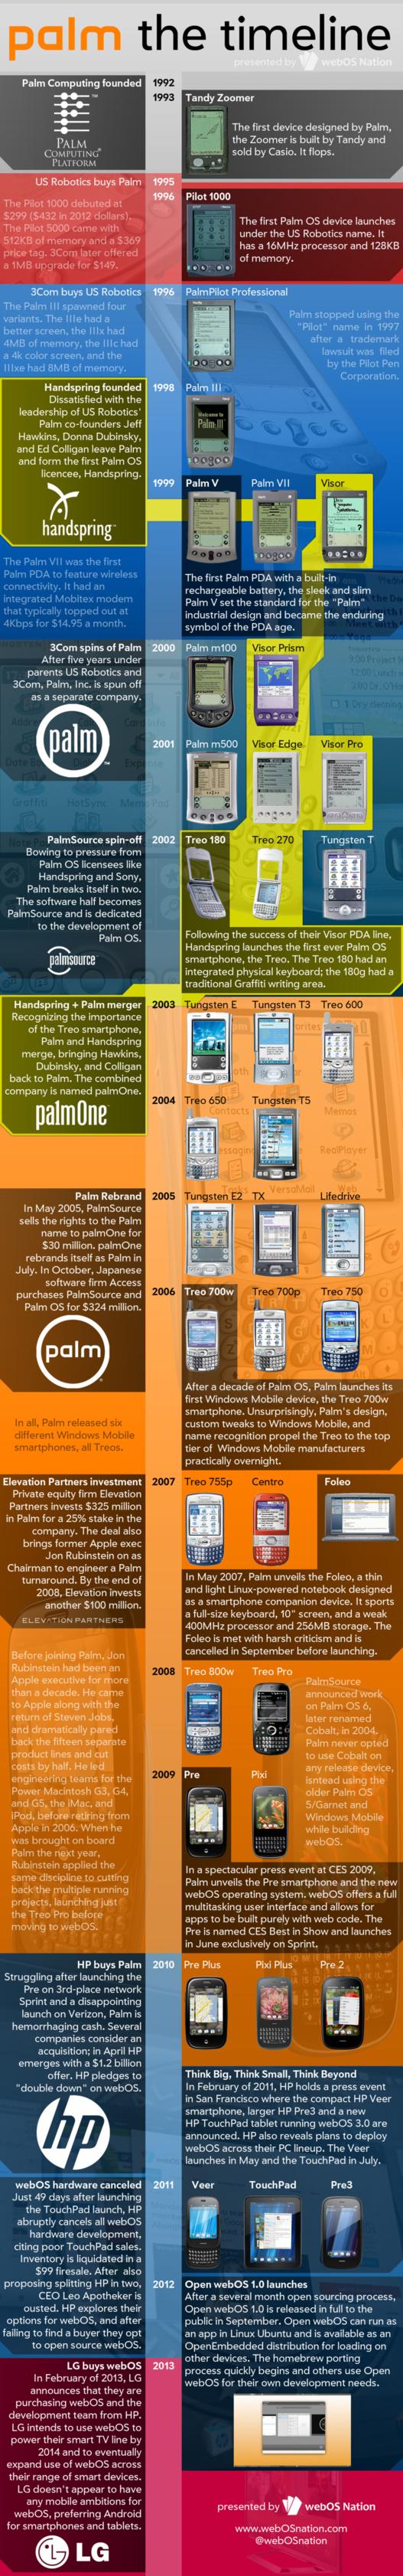 Palm de 1992 à 2013 en 1 image